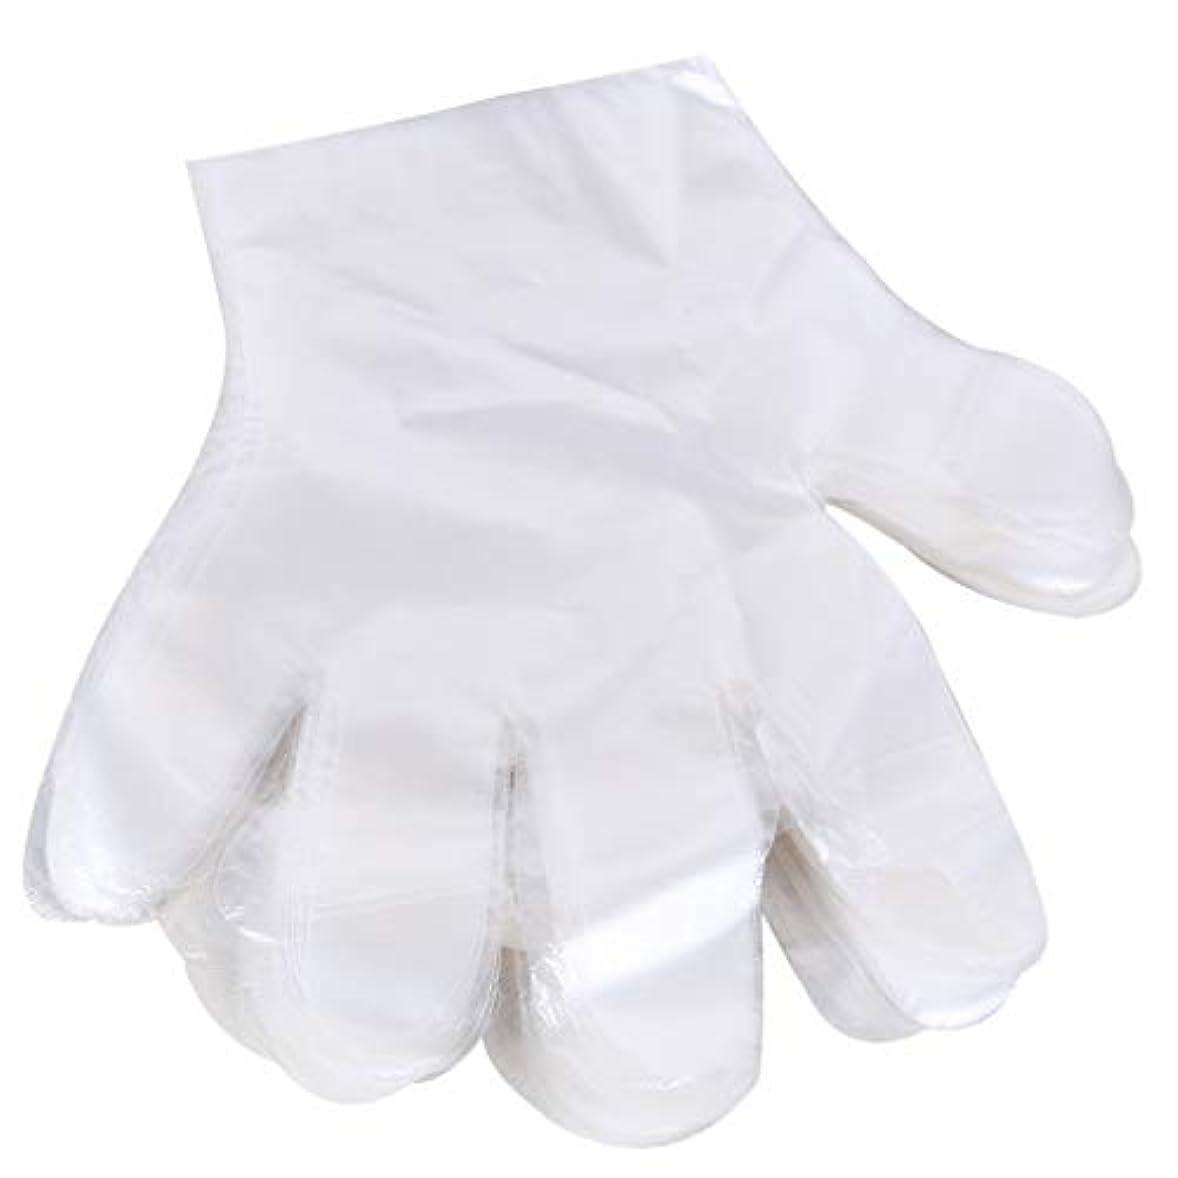 不運意図する大胆不敵1000 使い捨て手袋、ケータリングヘアマスク食品ロブスター厚い透明プラスチックpeフィルム手袋透明カバー YANW